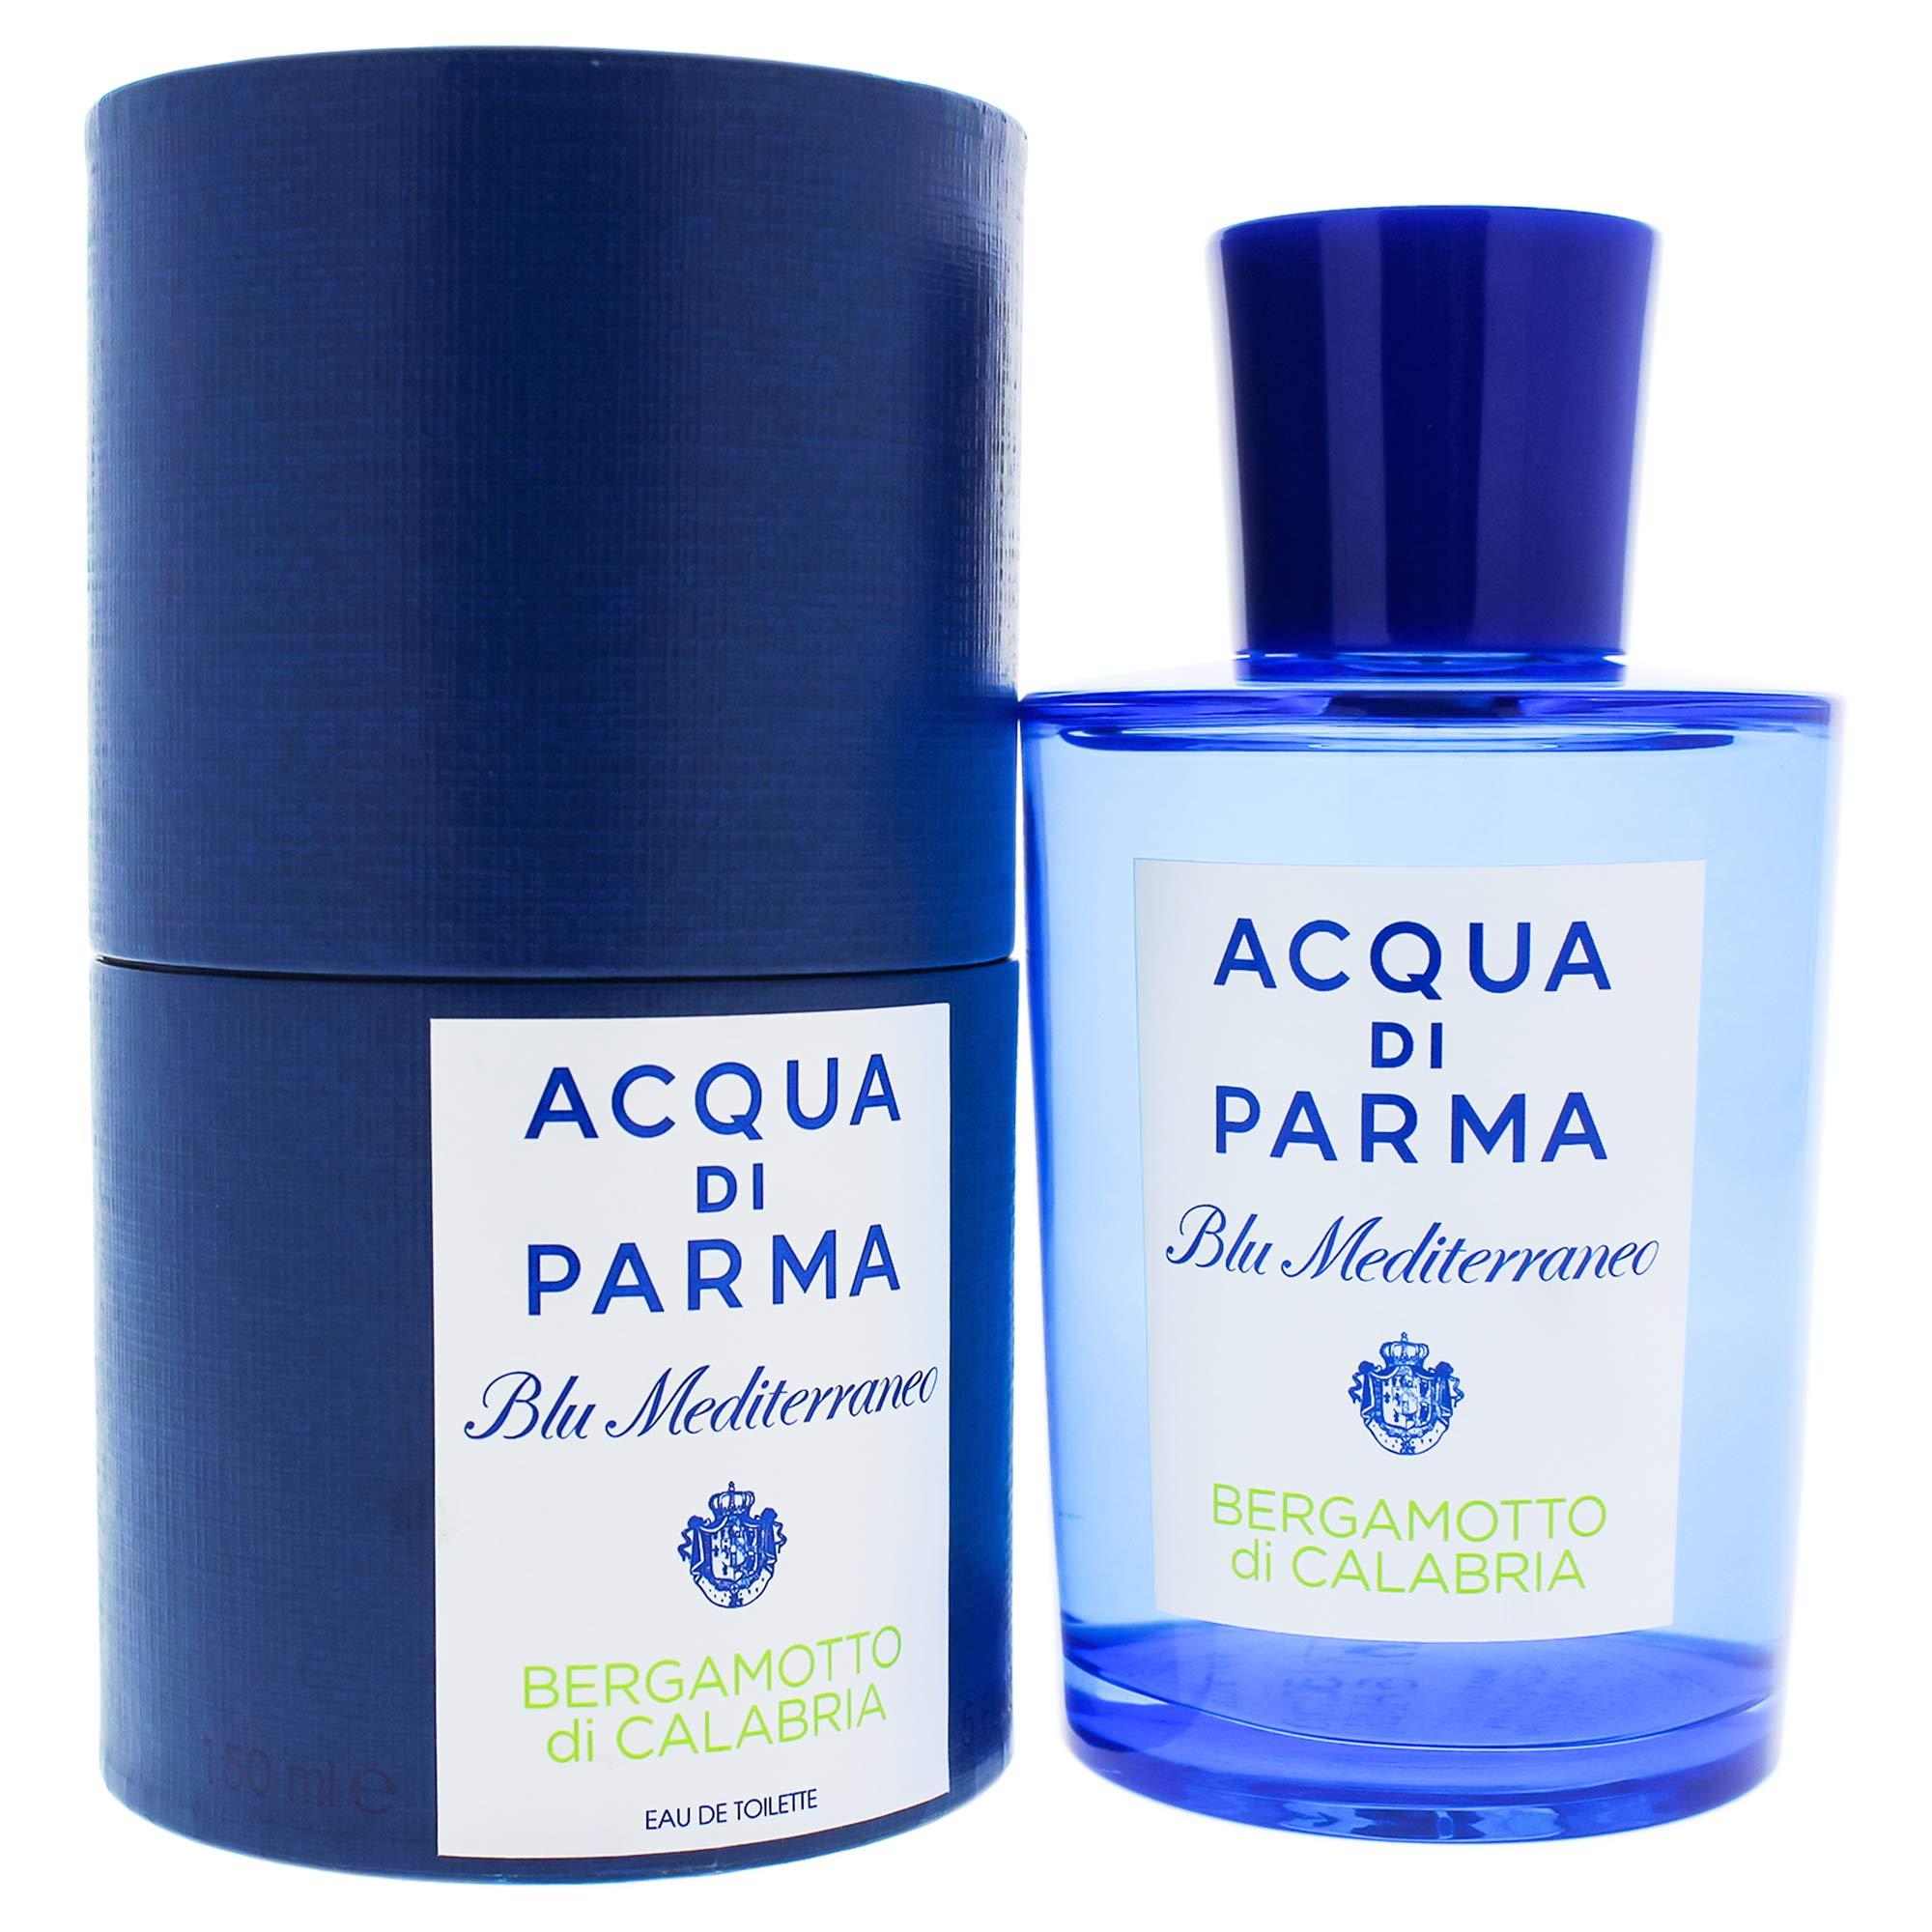 Acqua Di Parma Blue Mediterraneo Bergamotto Di Calabria Eau de Toilette Spray, 5 Ounce